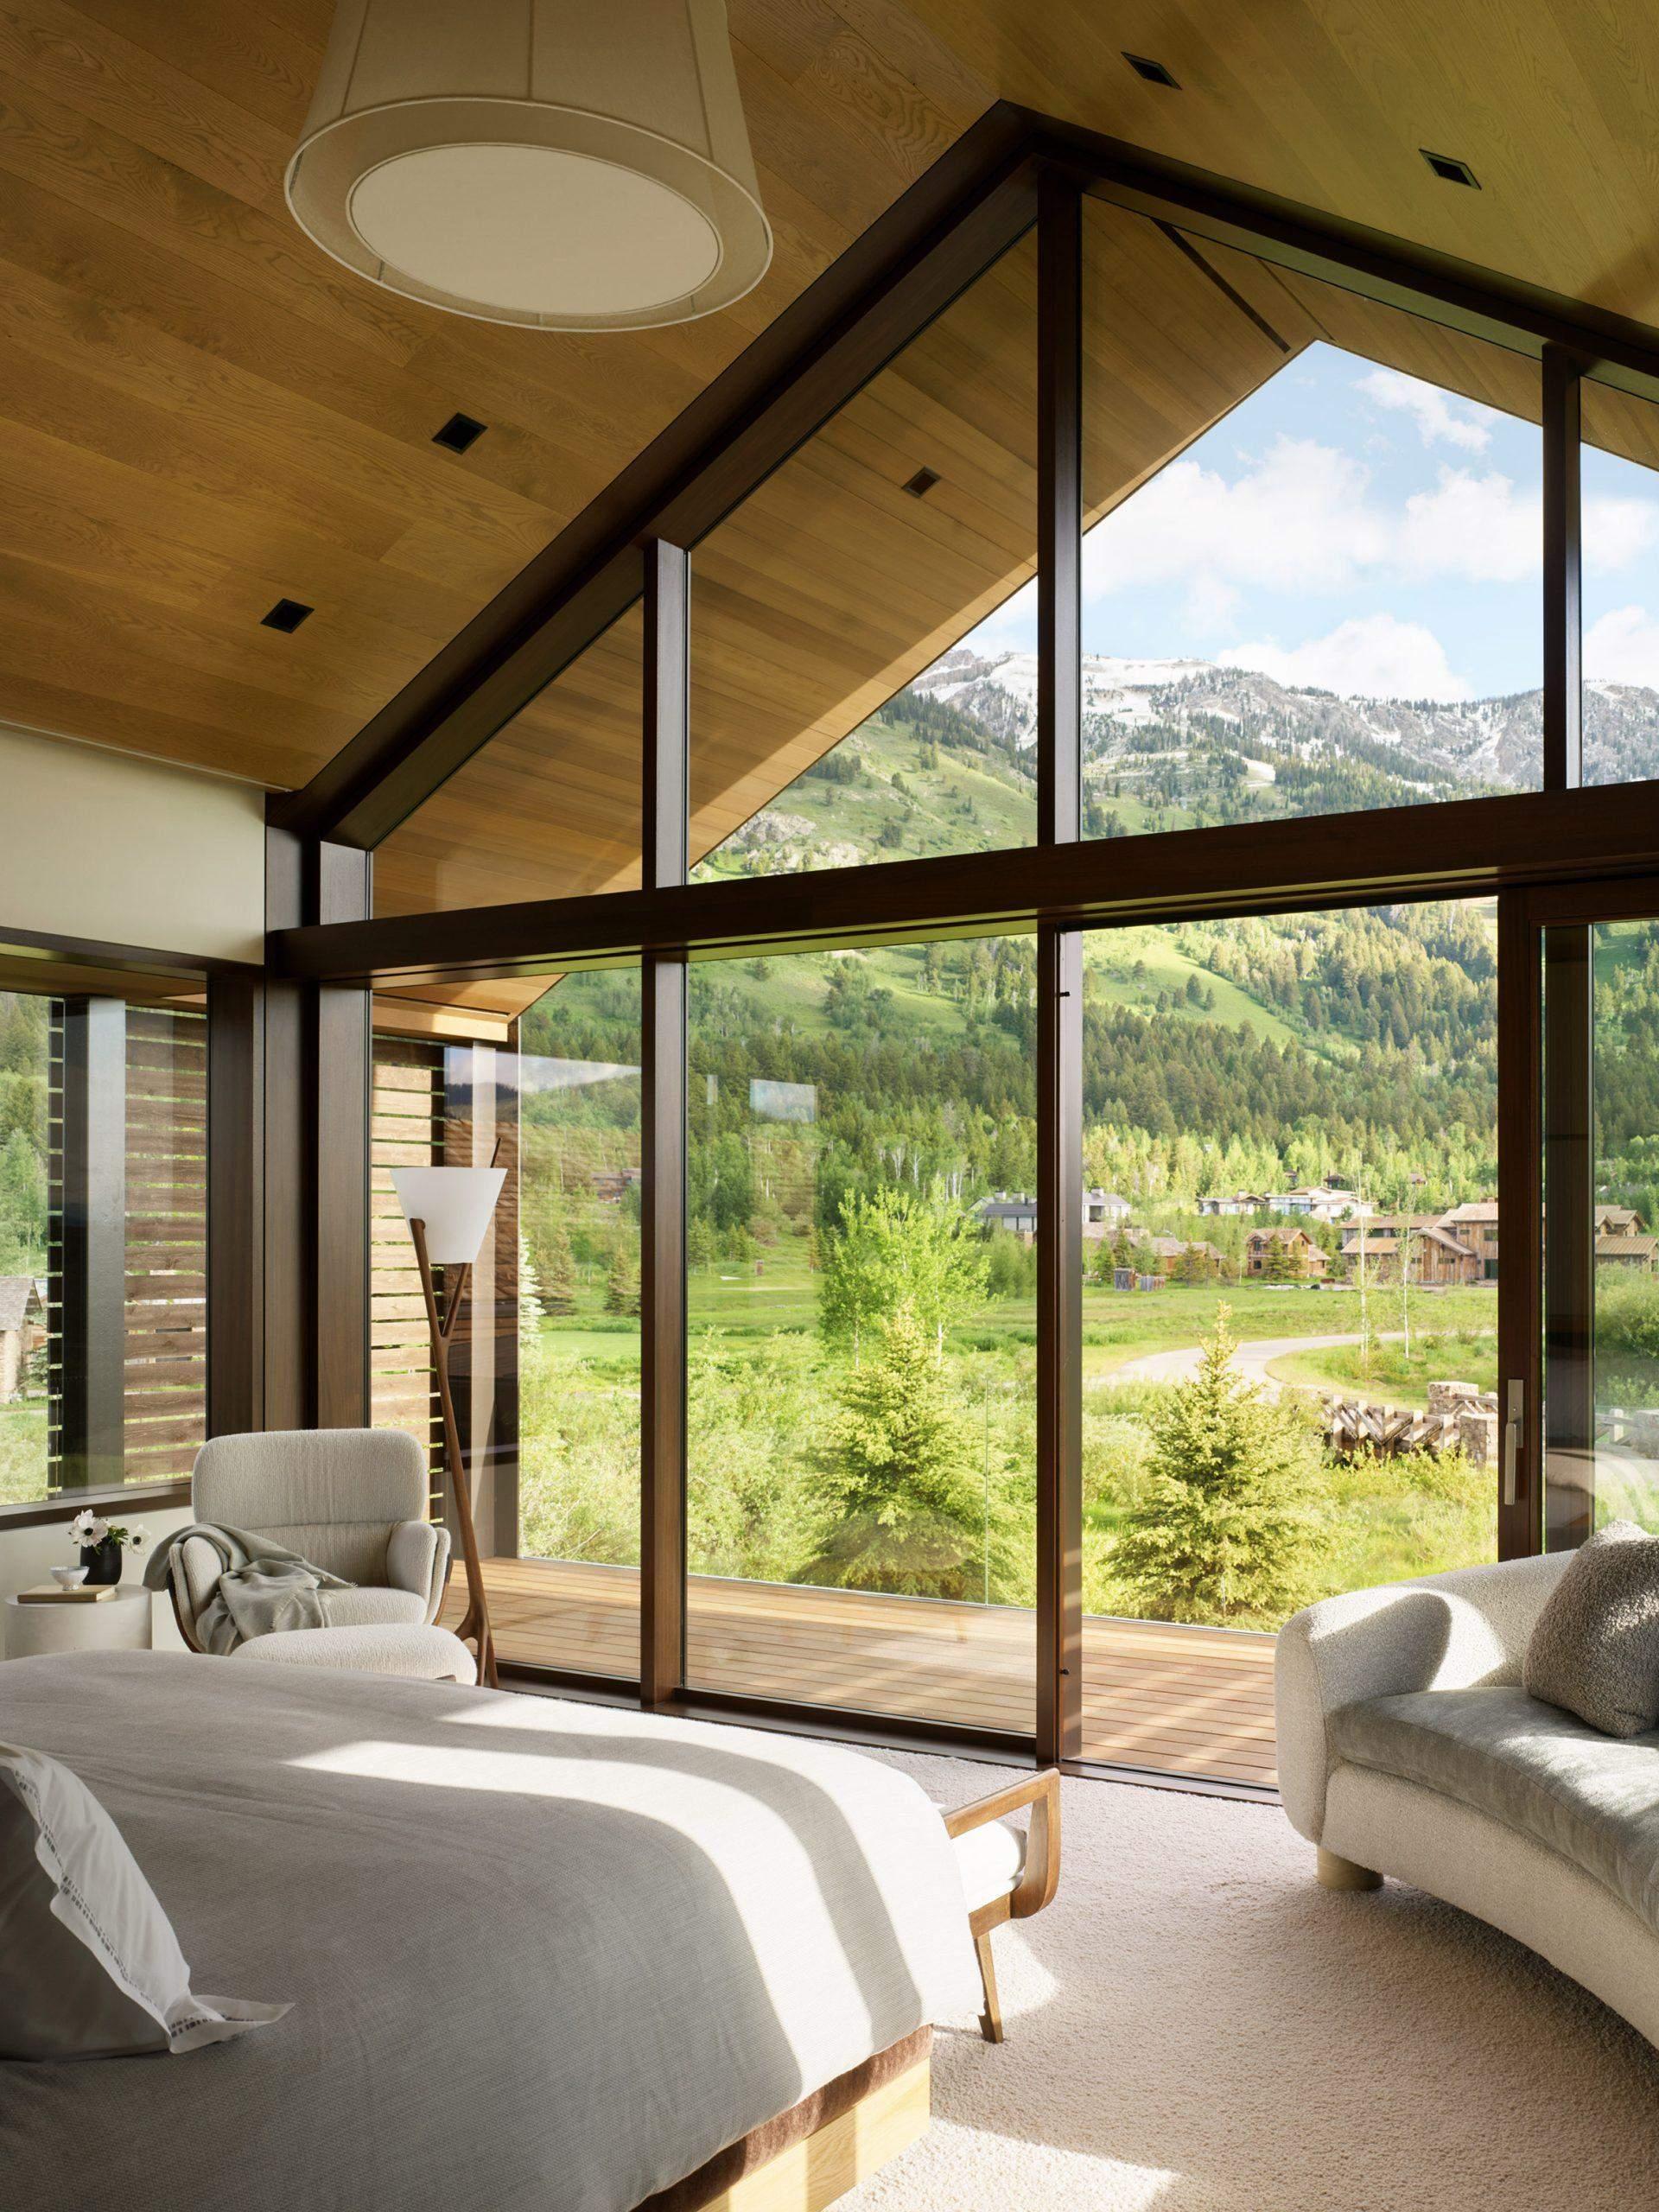 Вікна на всю стіну дозволяють повністю насолодитись видом / Фото Deezen